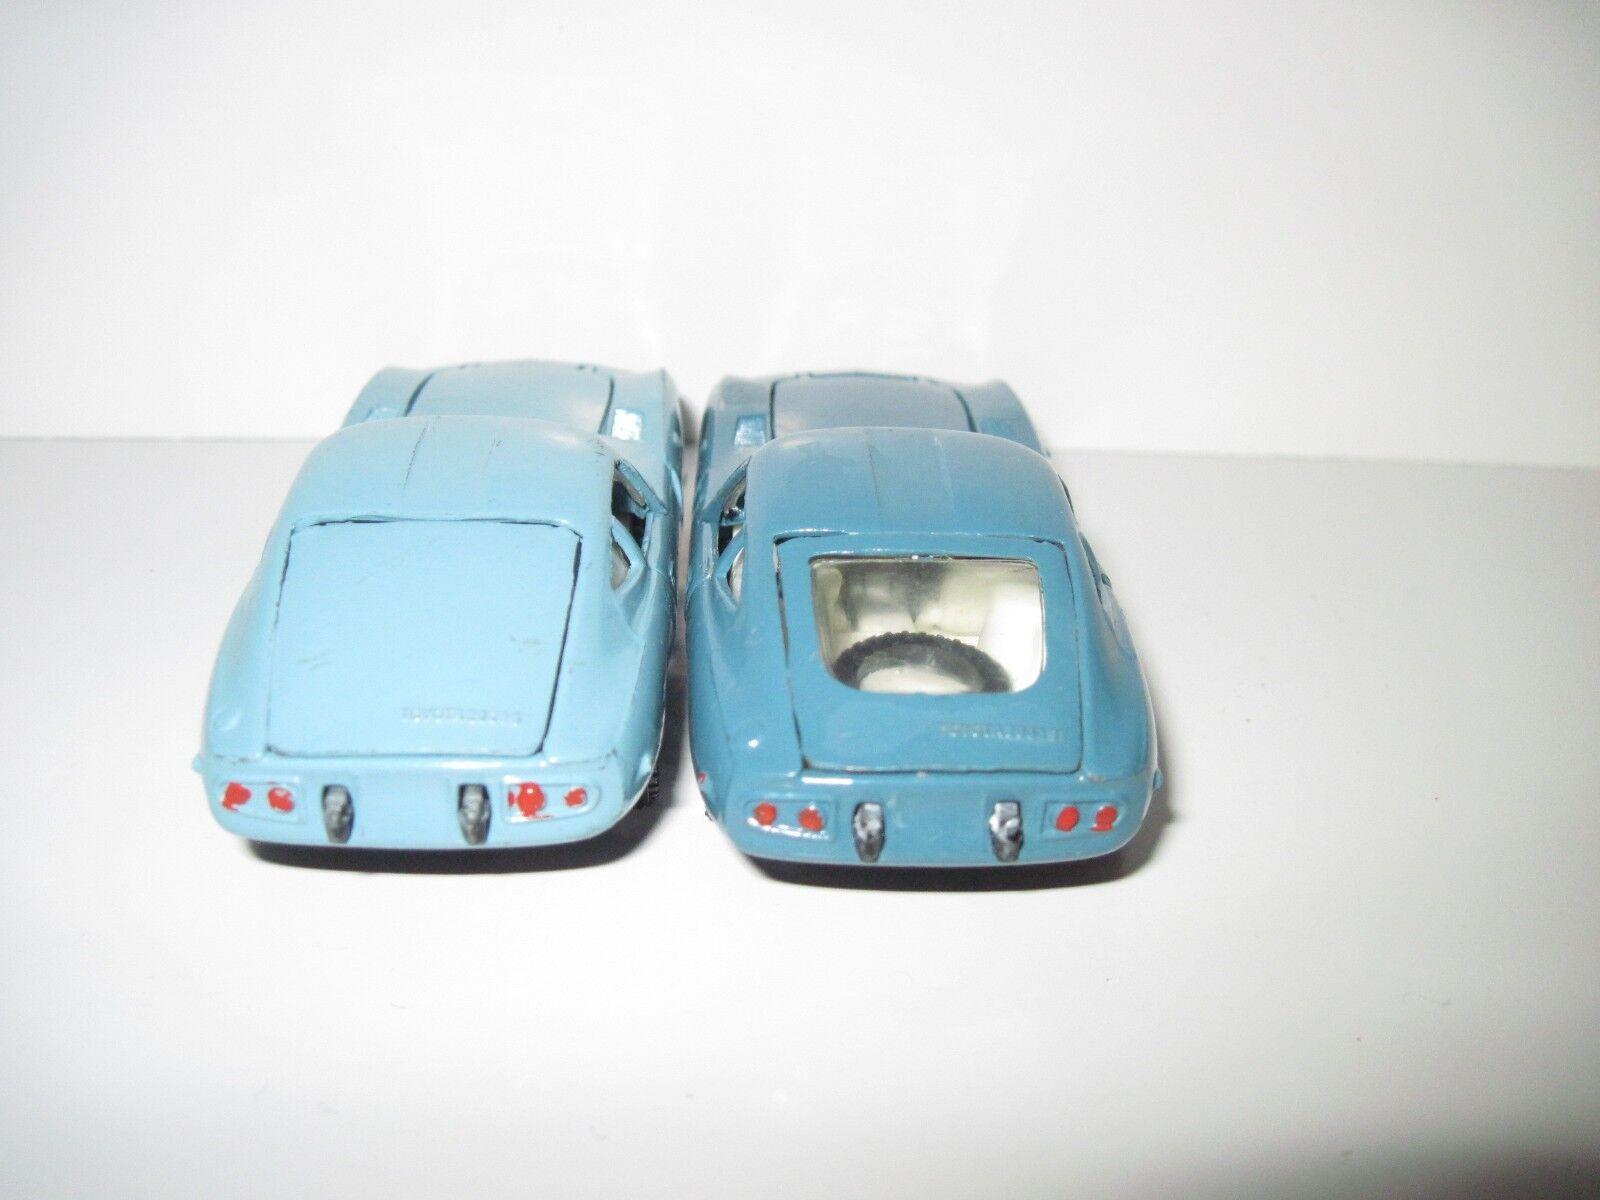 Toyota 2000GT MEBETOYS HOT WHEELS remake 1:43 toy car MistakeRRR